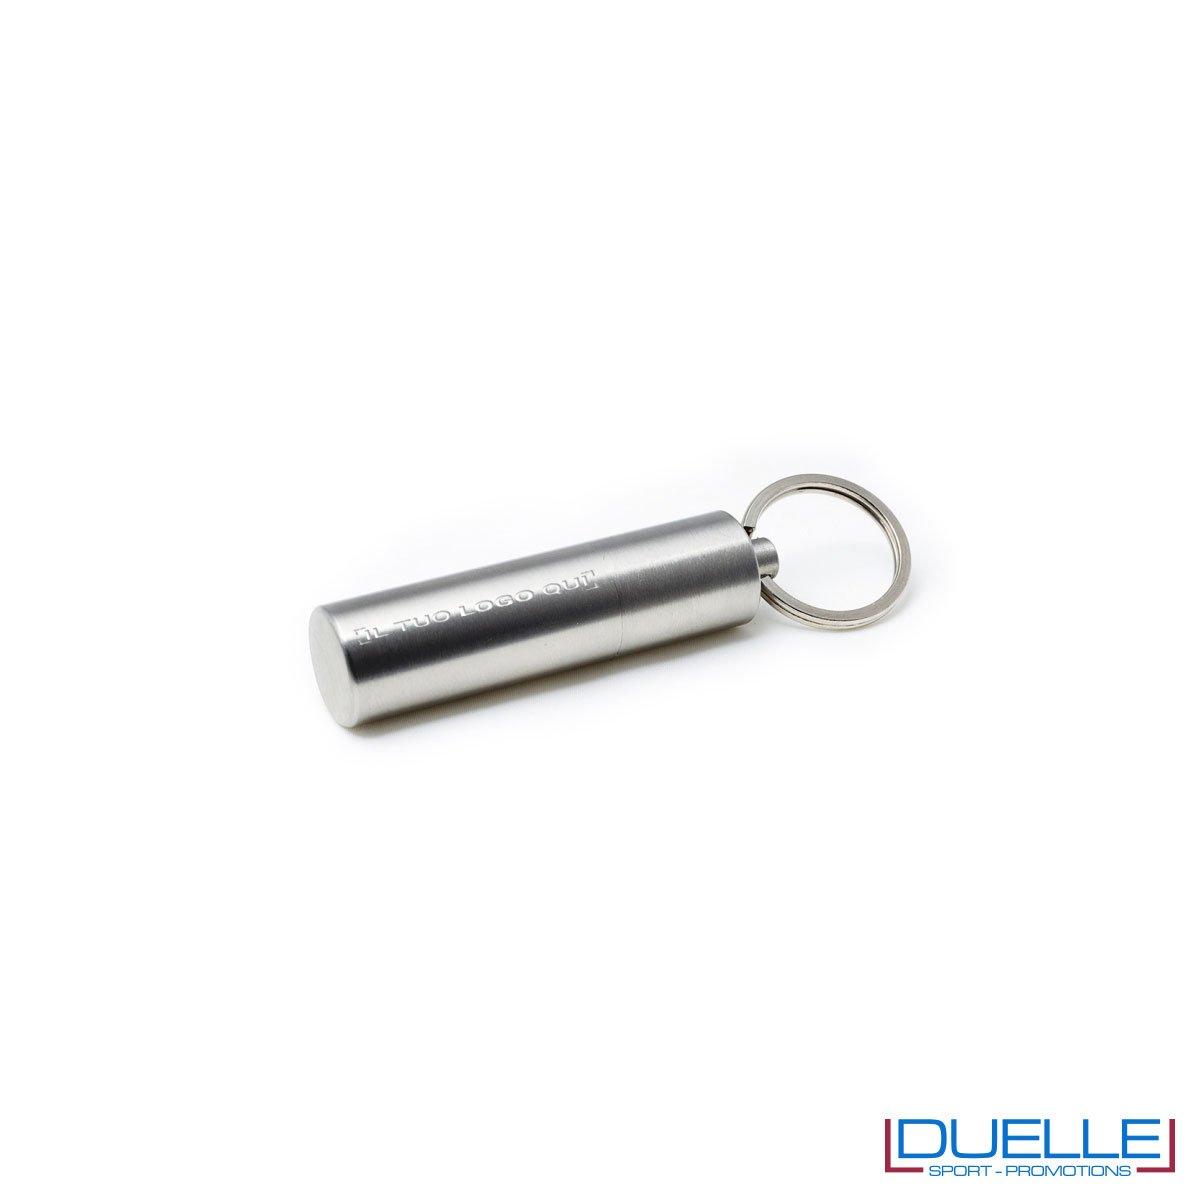 Chiavetta USB 2.0 personalizzata cilindirica